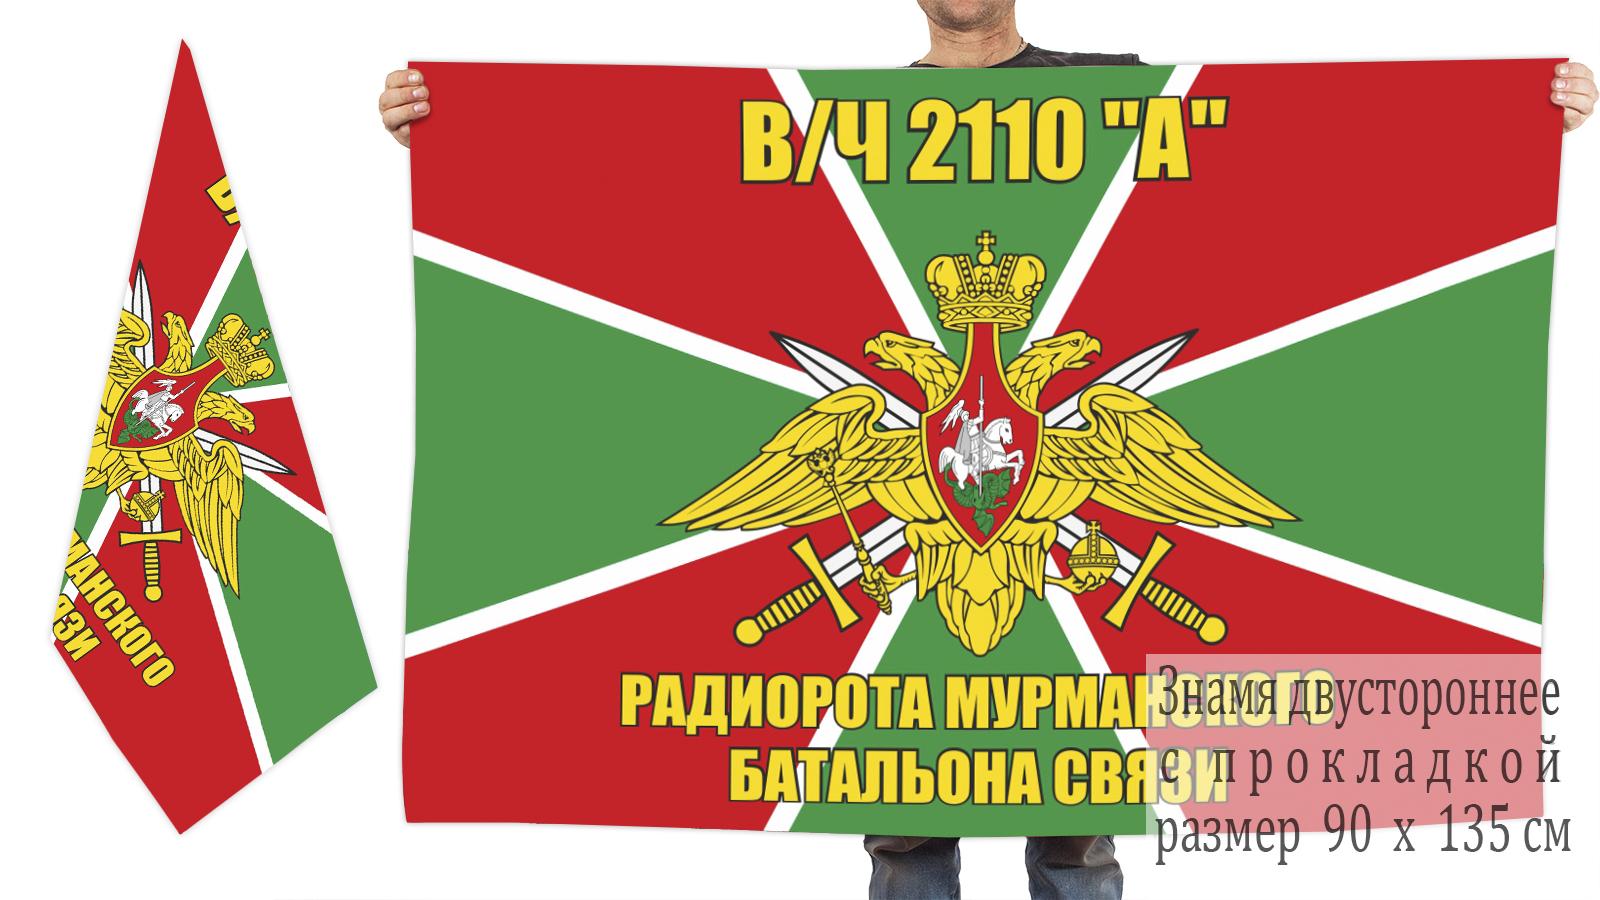 Двусторонний флаг радиороты Мурманского батальона связи